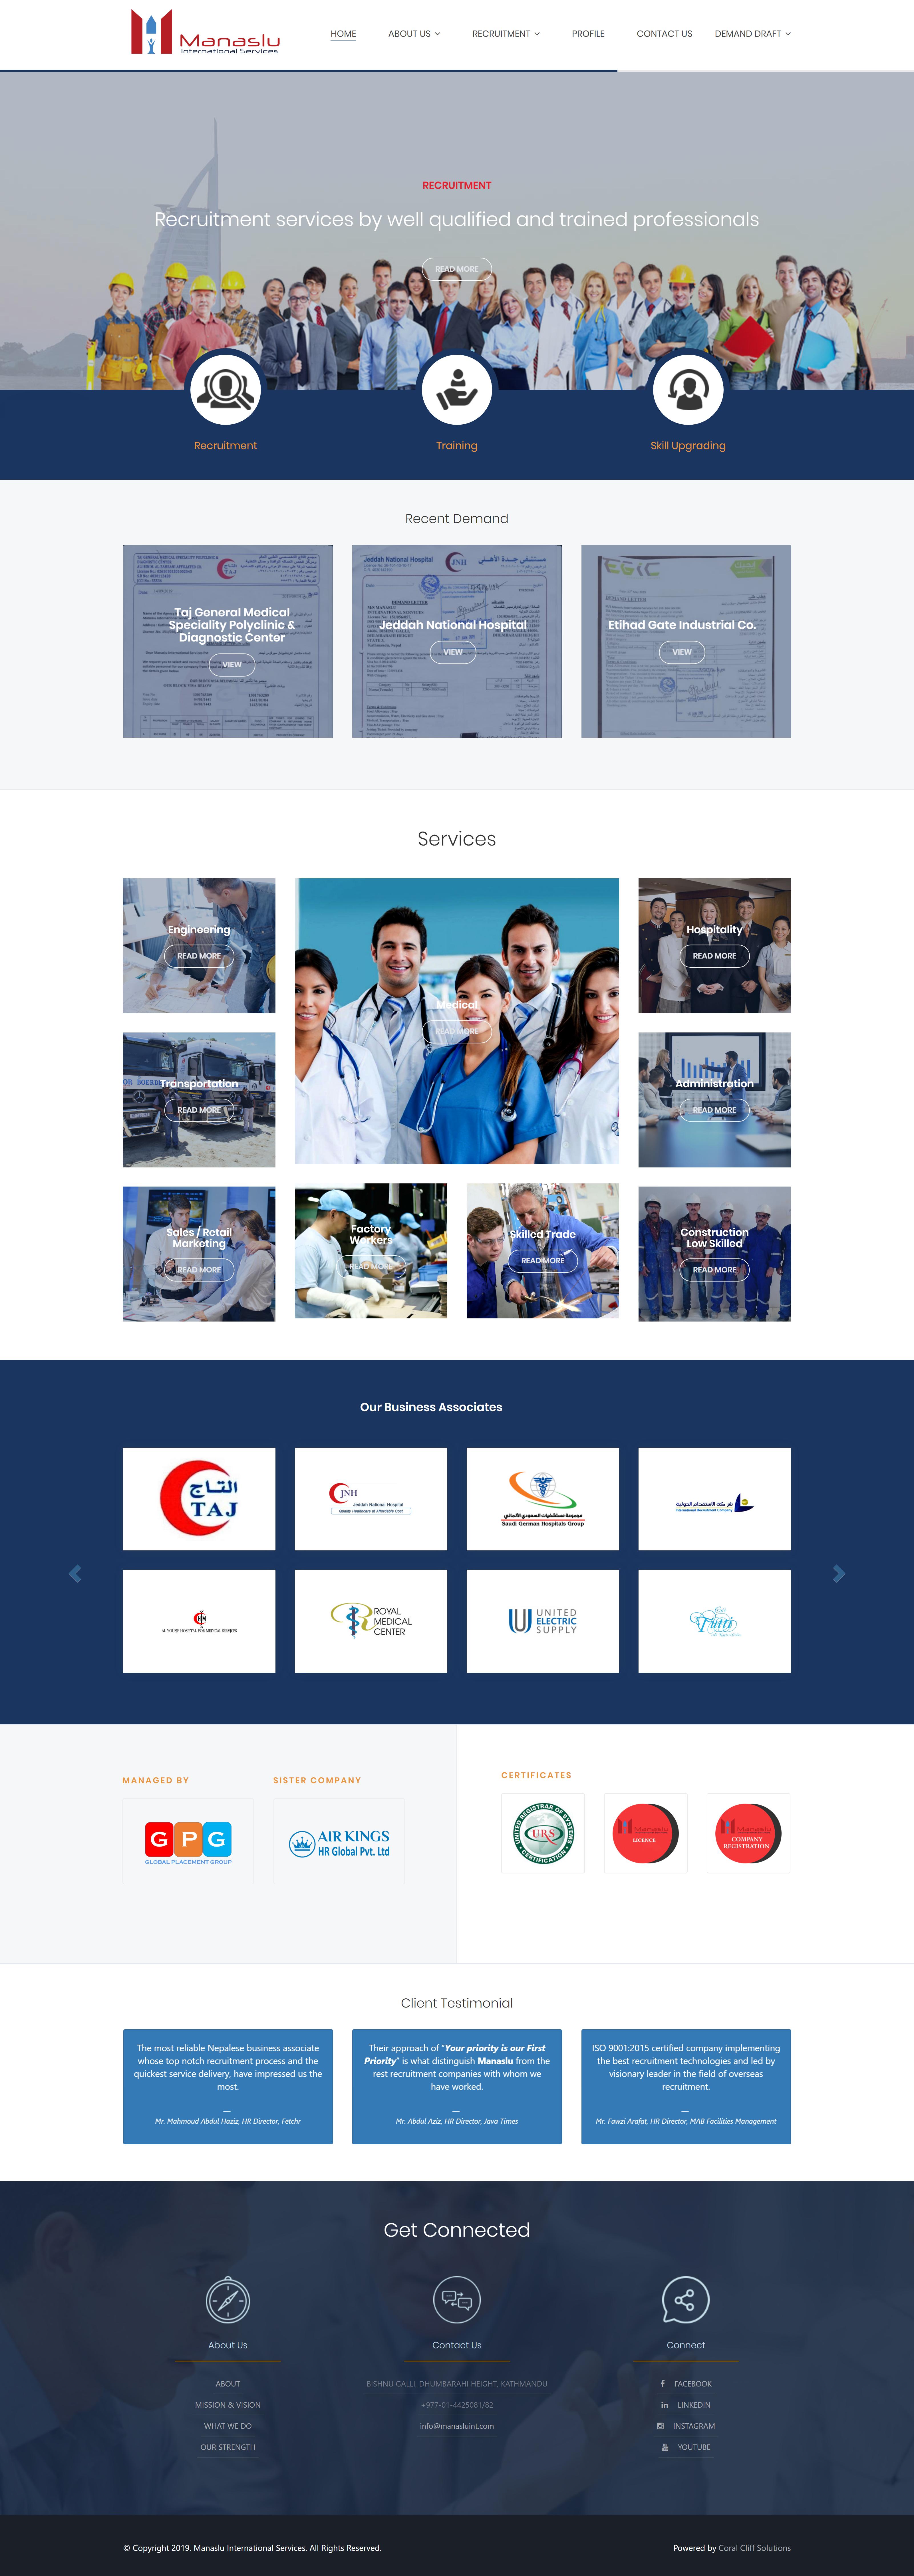 Workgress Employment Work Agency Web Design By Sycylianbeef Deviantart Com On Deviantart Work Agency Web Design Employment